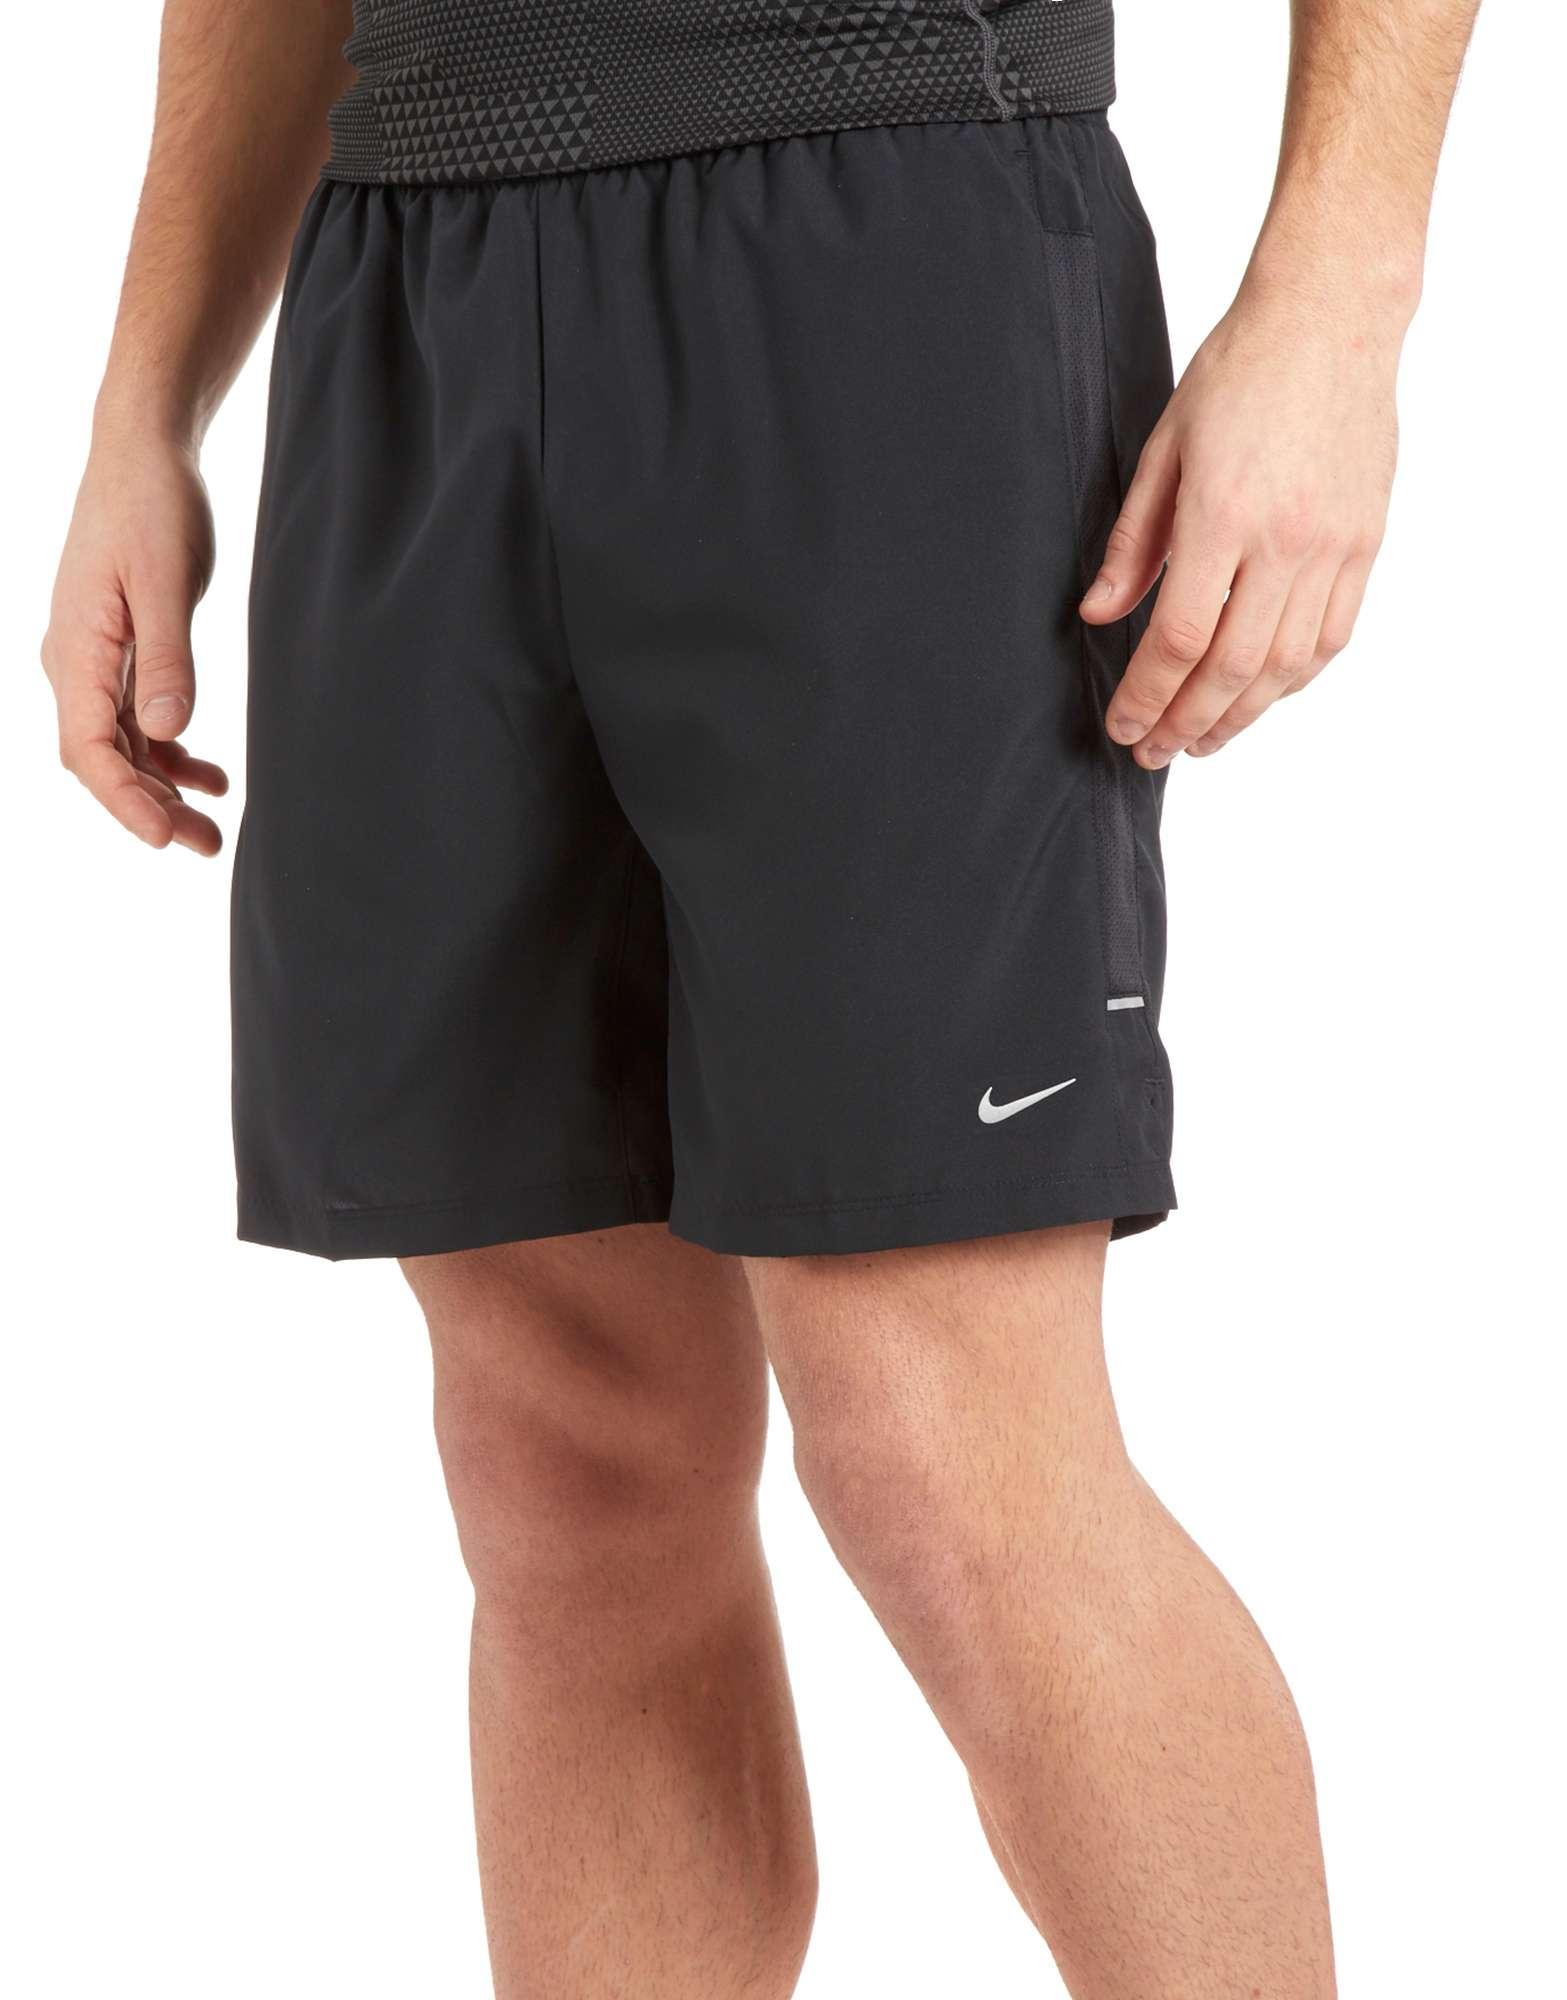 Nike 7 inch Run Shorts